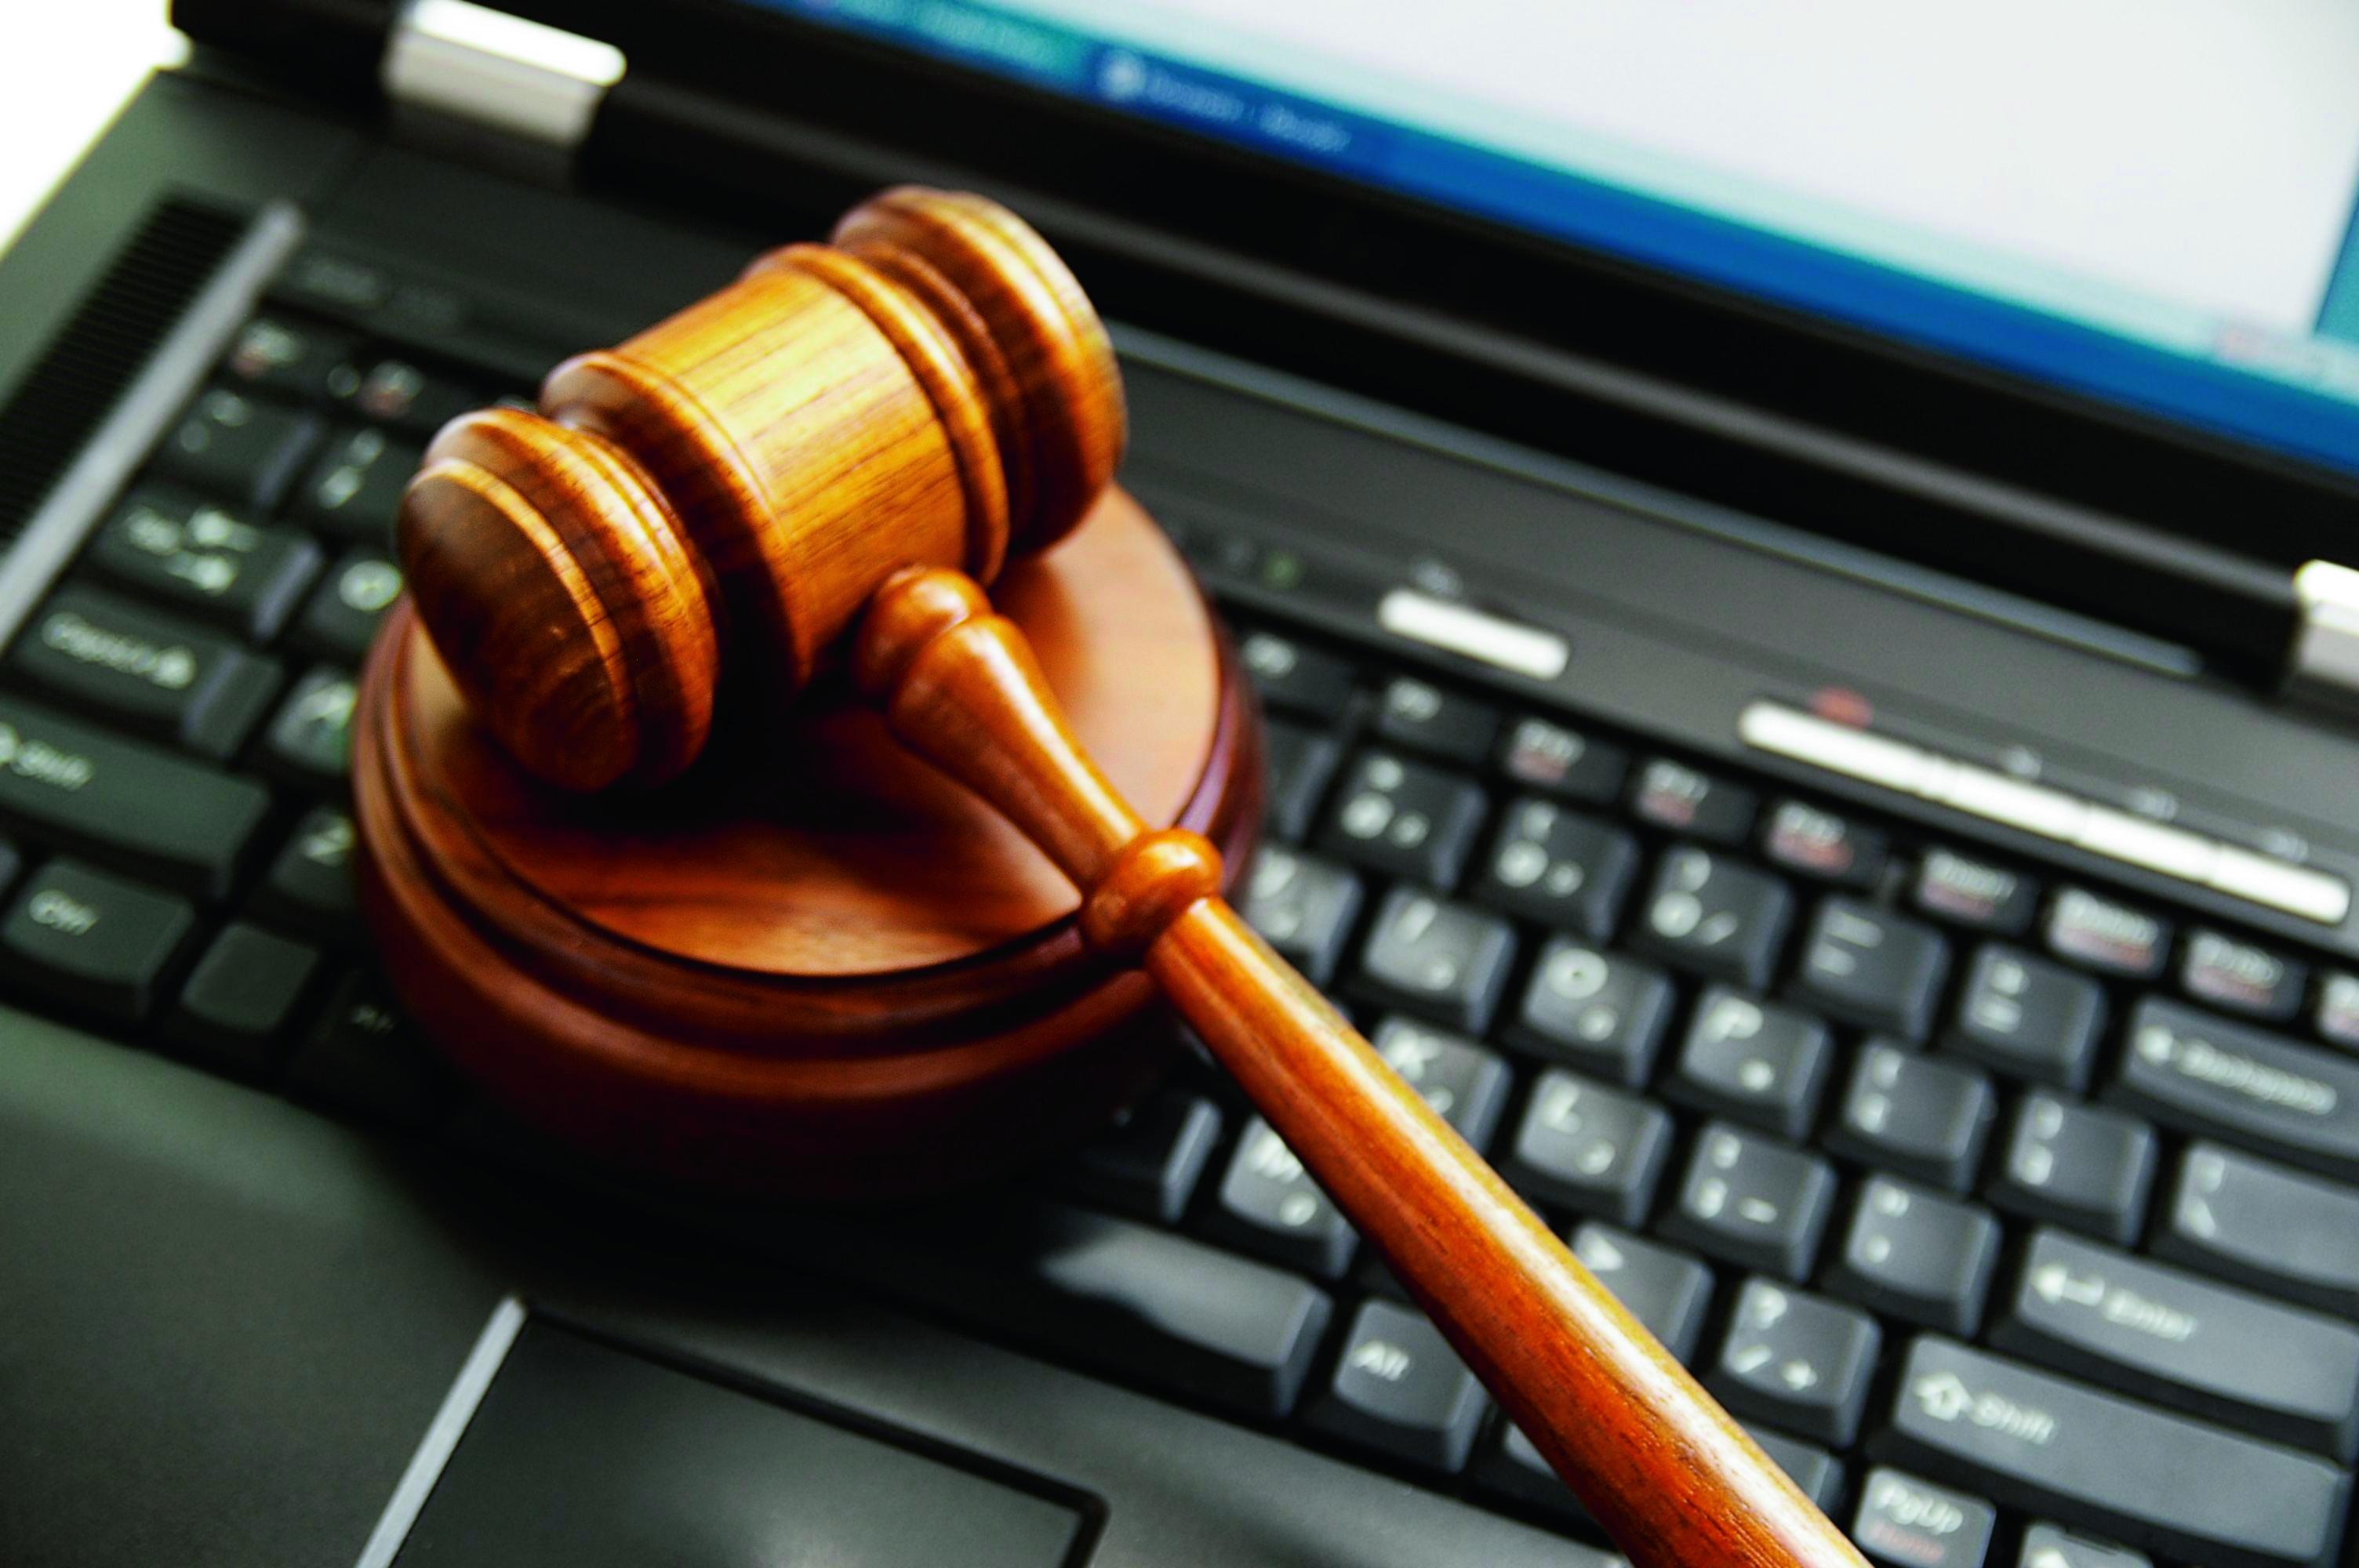 Суд в Азербайджане принял решение заблокировать сайт Радио Азадлыг